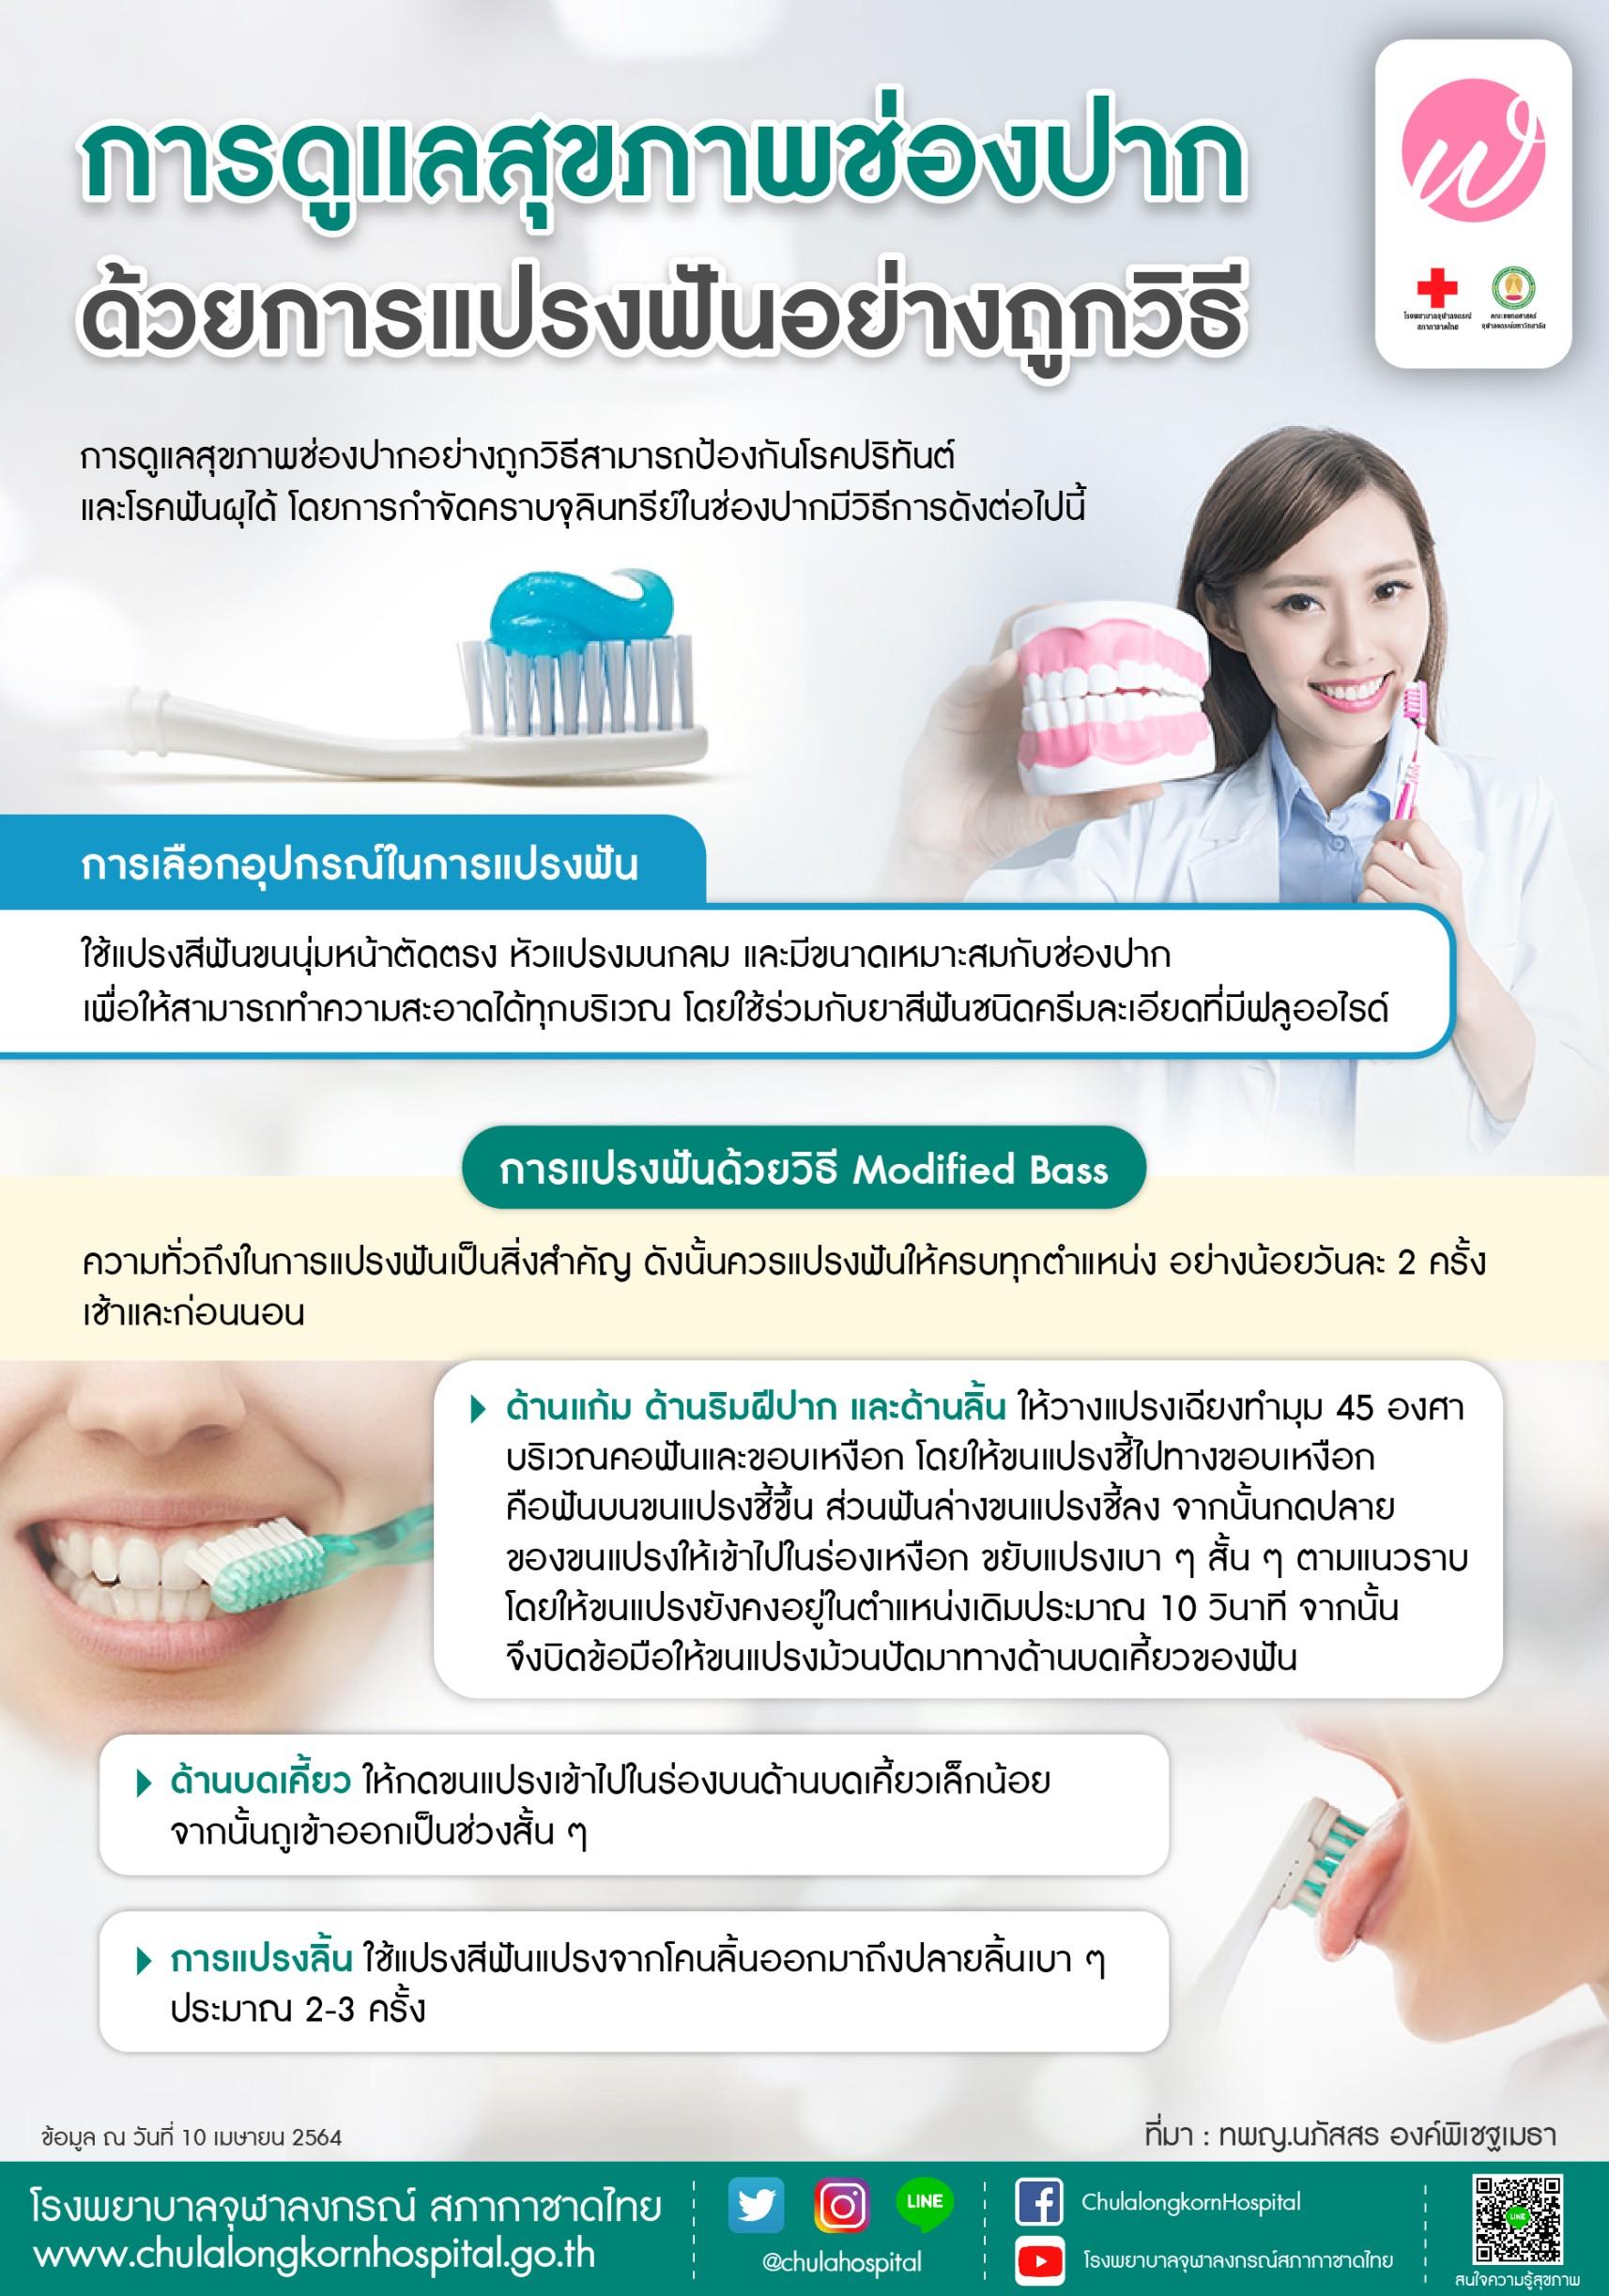 การดูแลสุขภาพช่องปากด้วยการแปรงฟันอย่างถูกวิธี